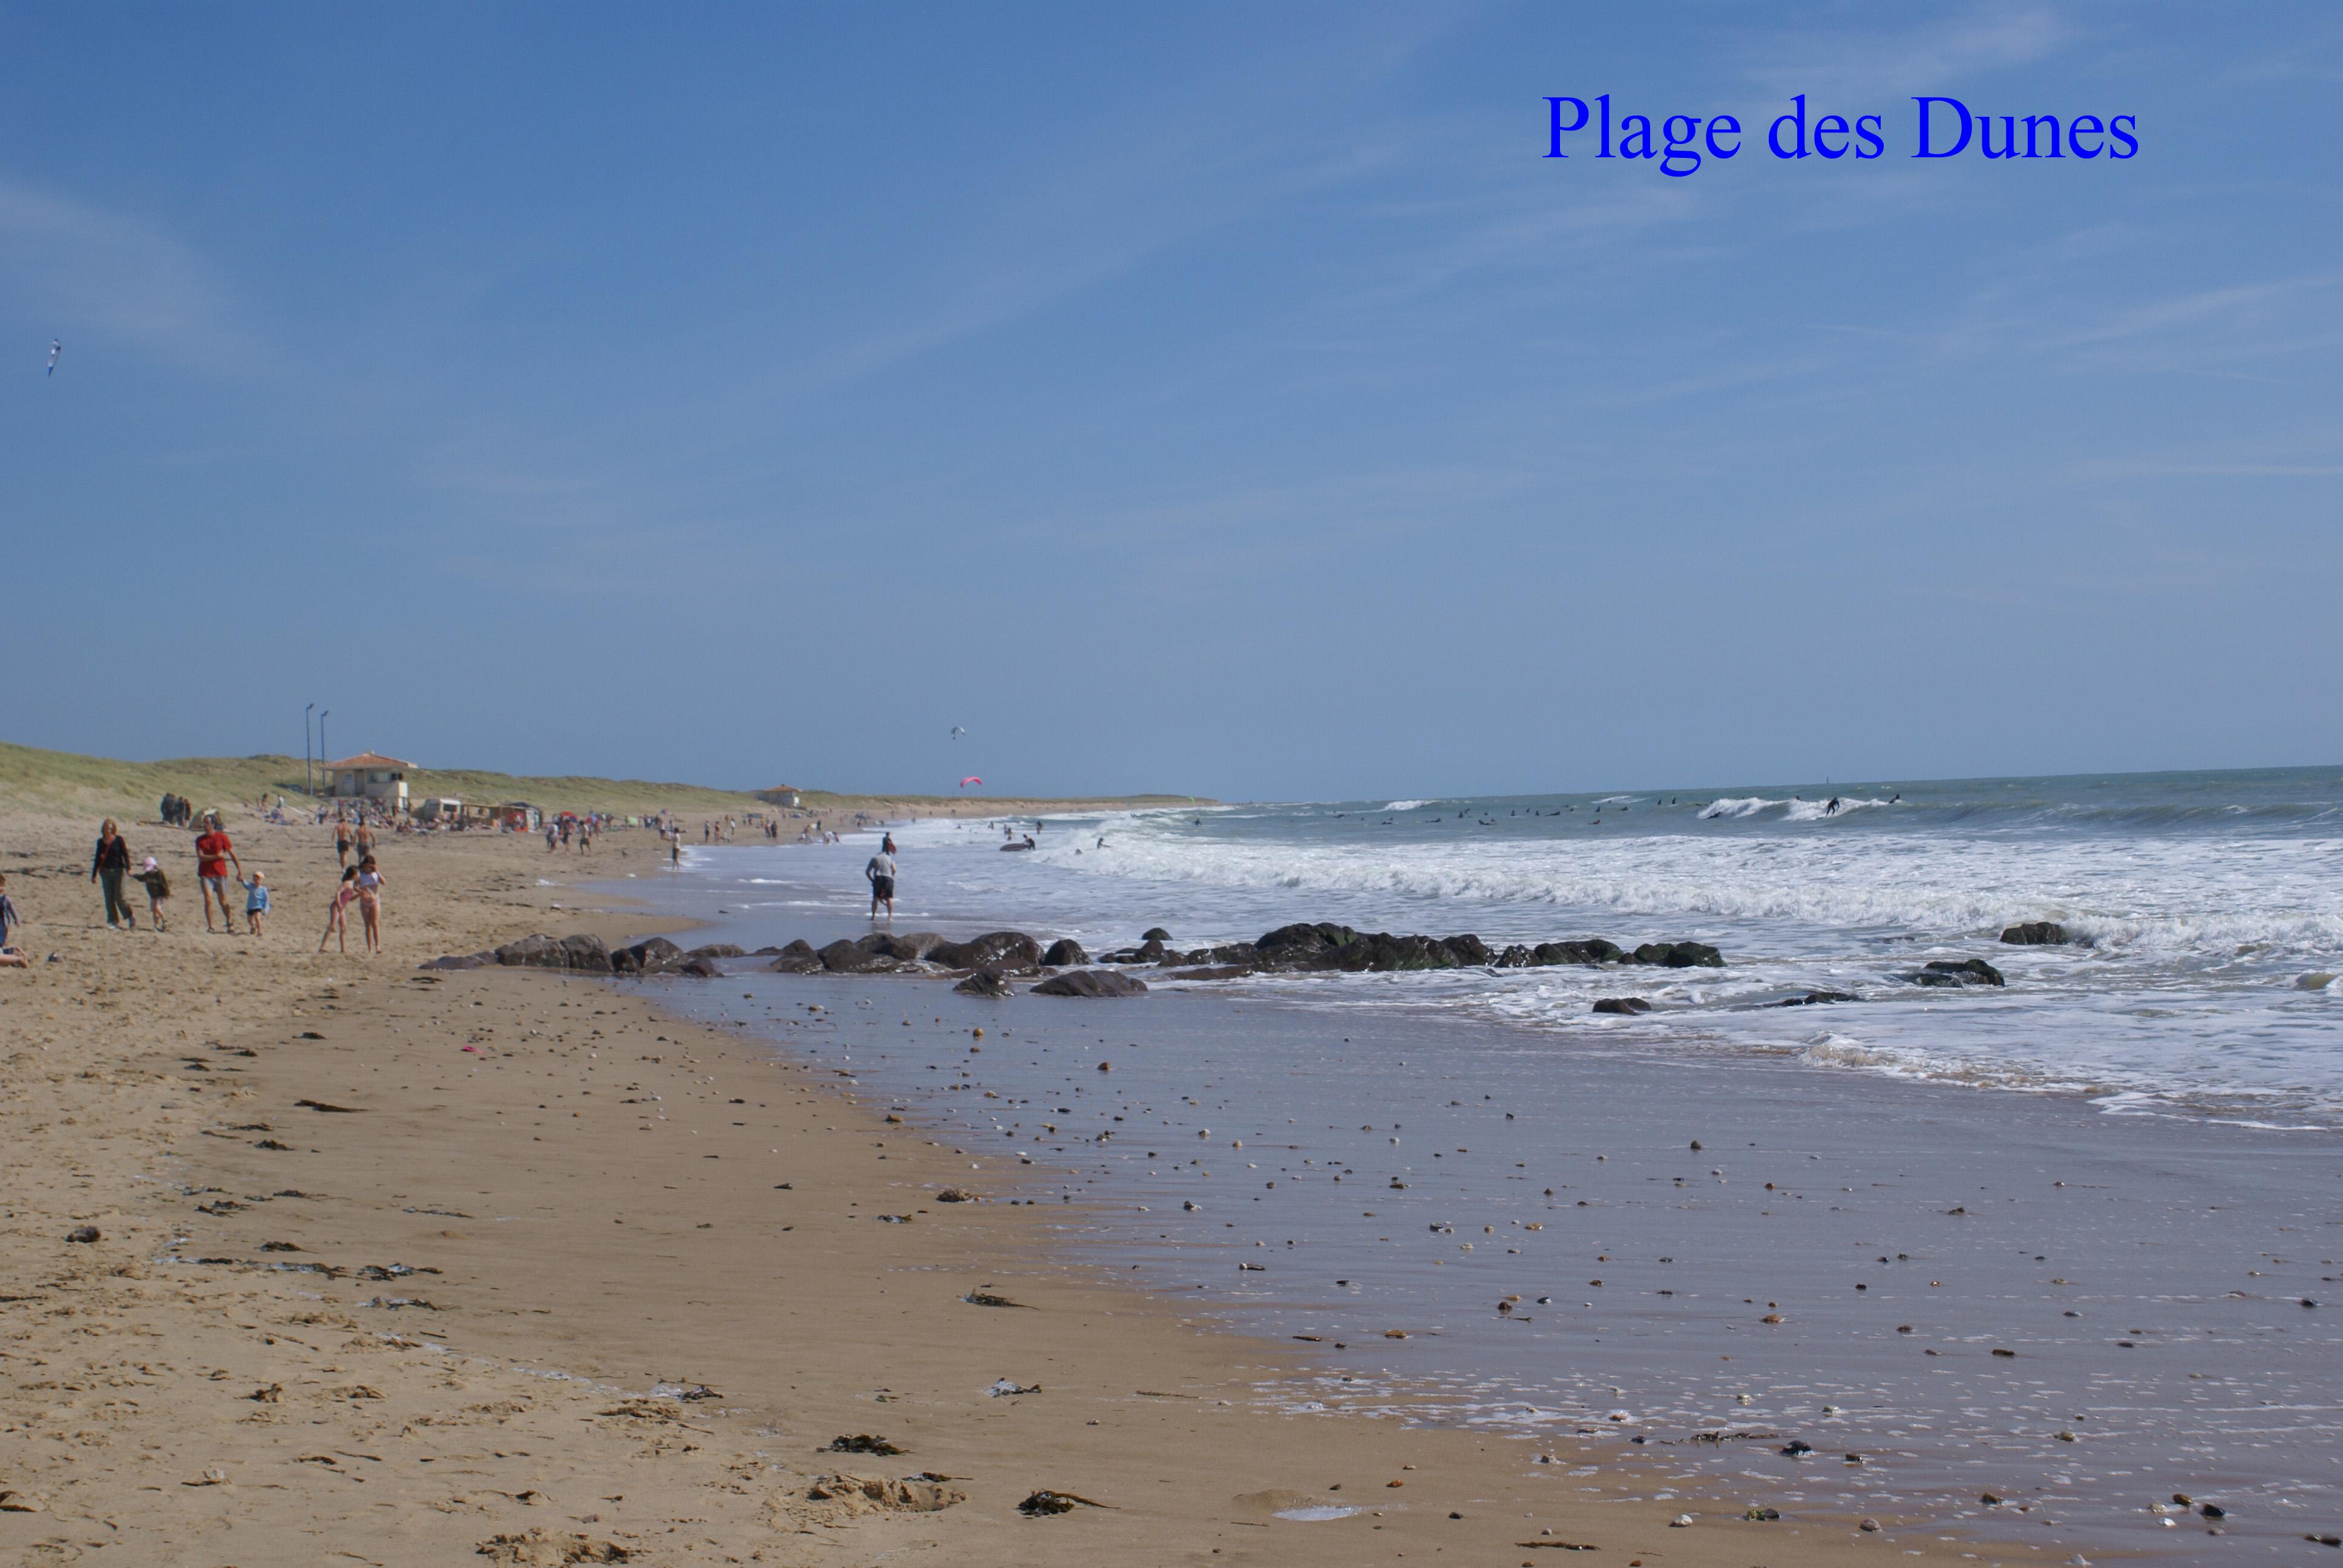 plage-des-dunes.jpg